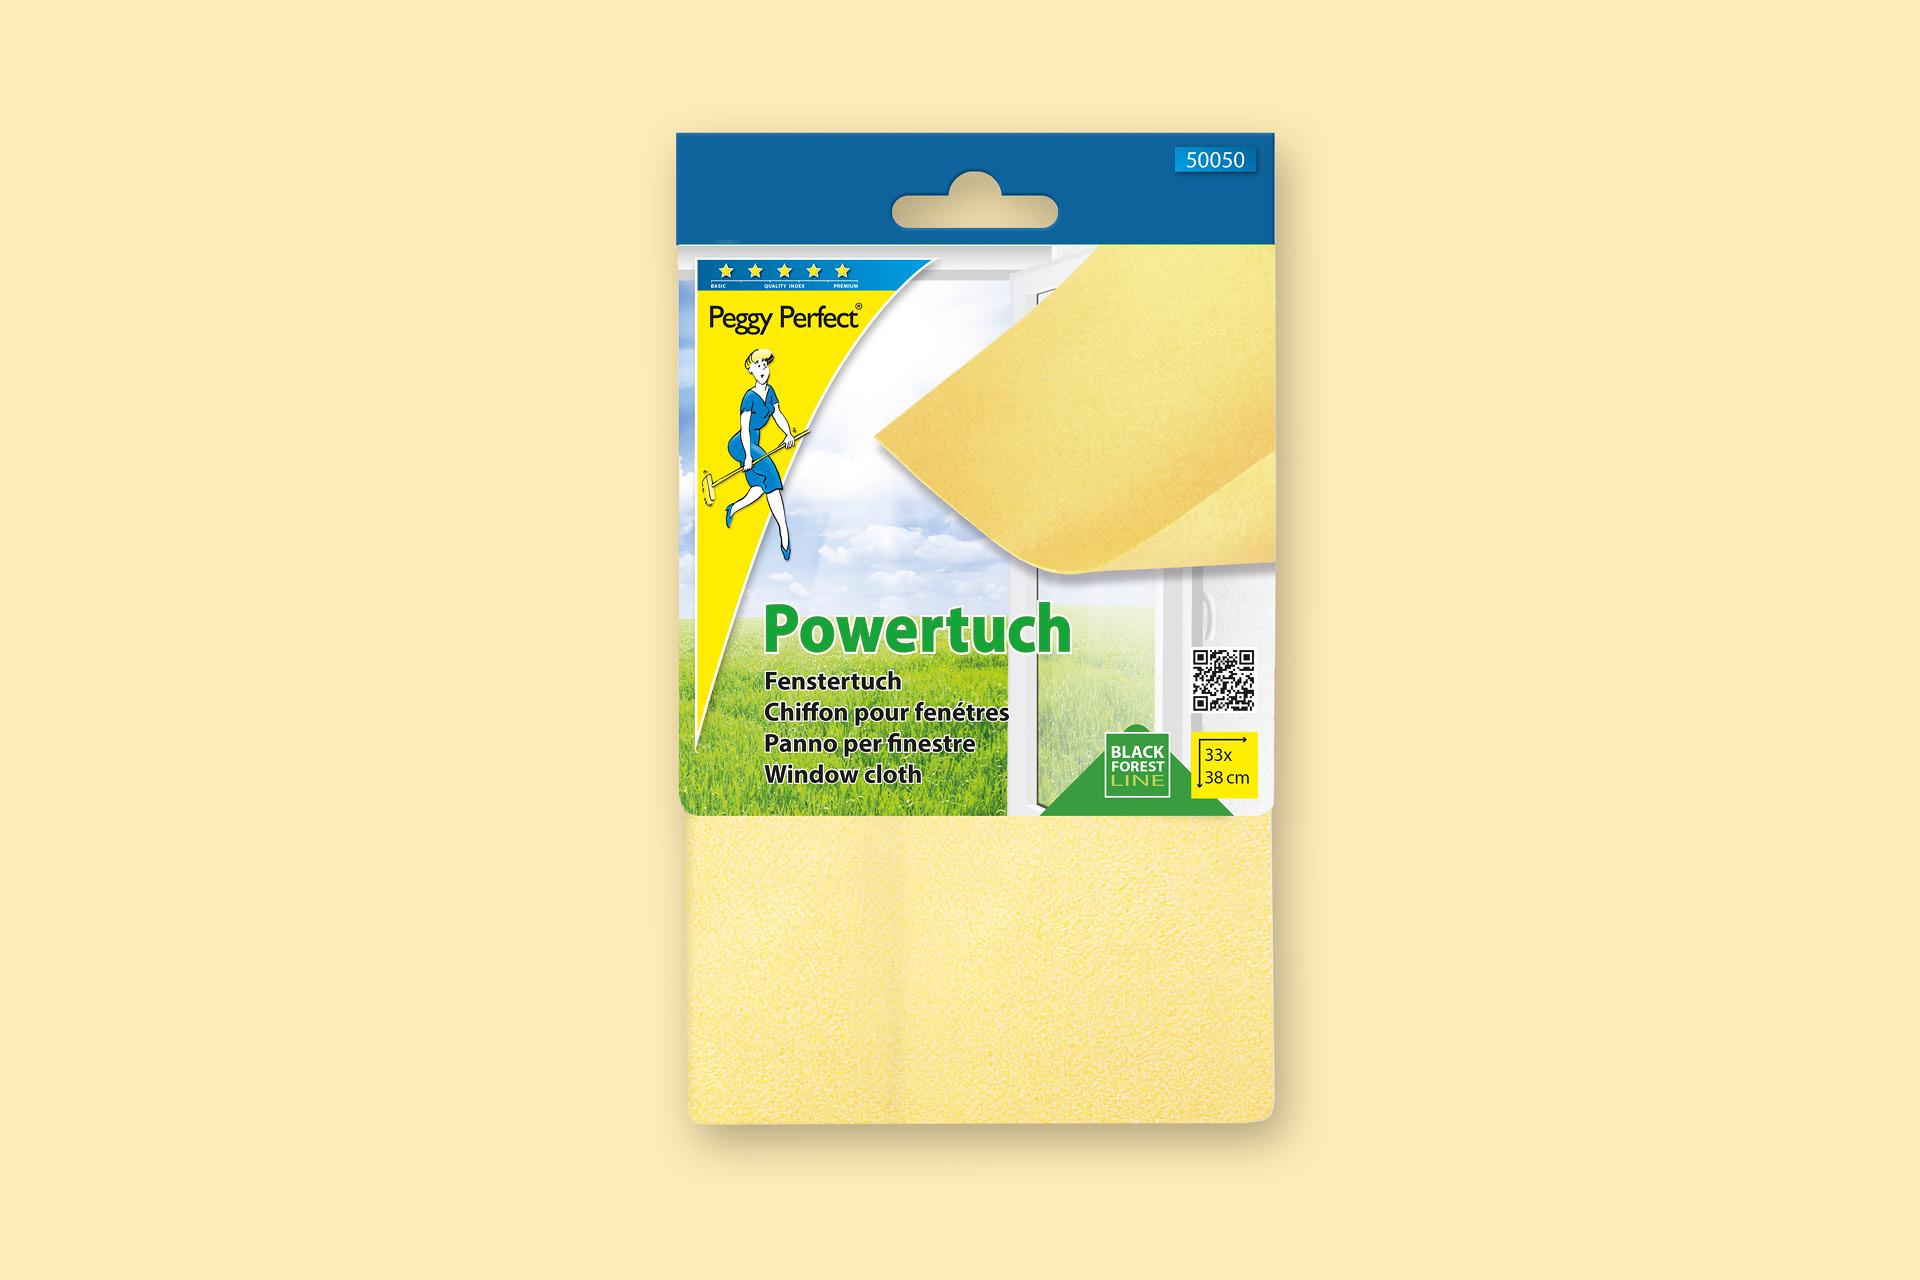 Verpackungsdesign für die Marke Peggy Perfect von Maier Haushaltspflege, Anwendungsbeispiel